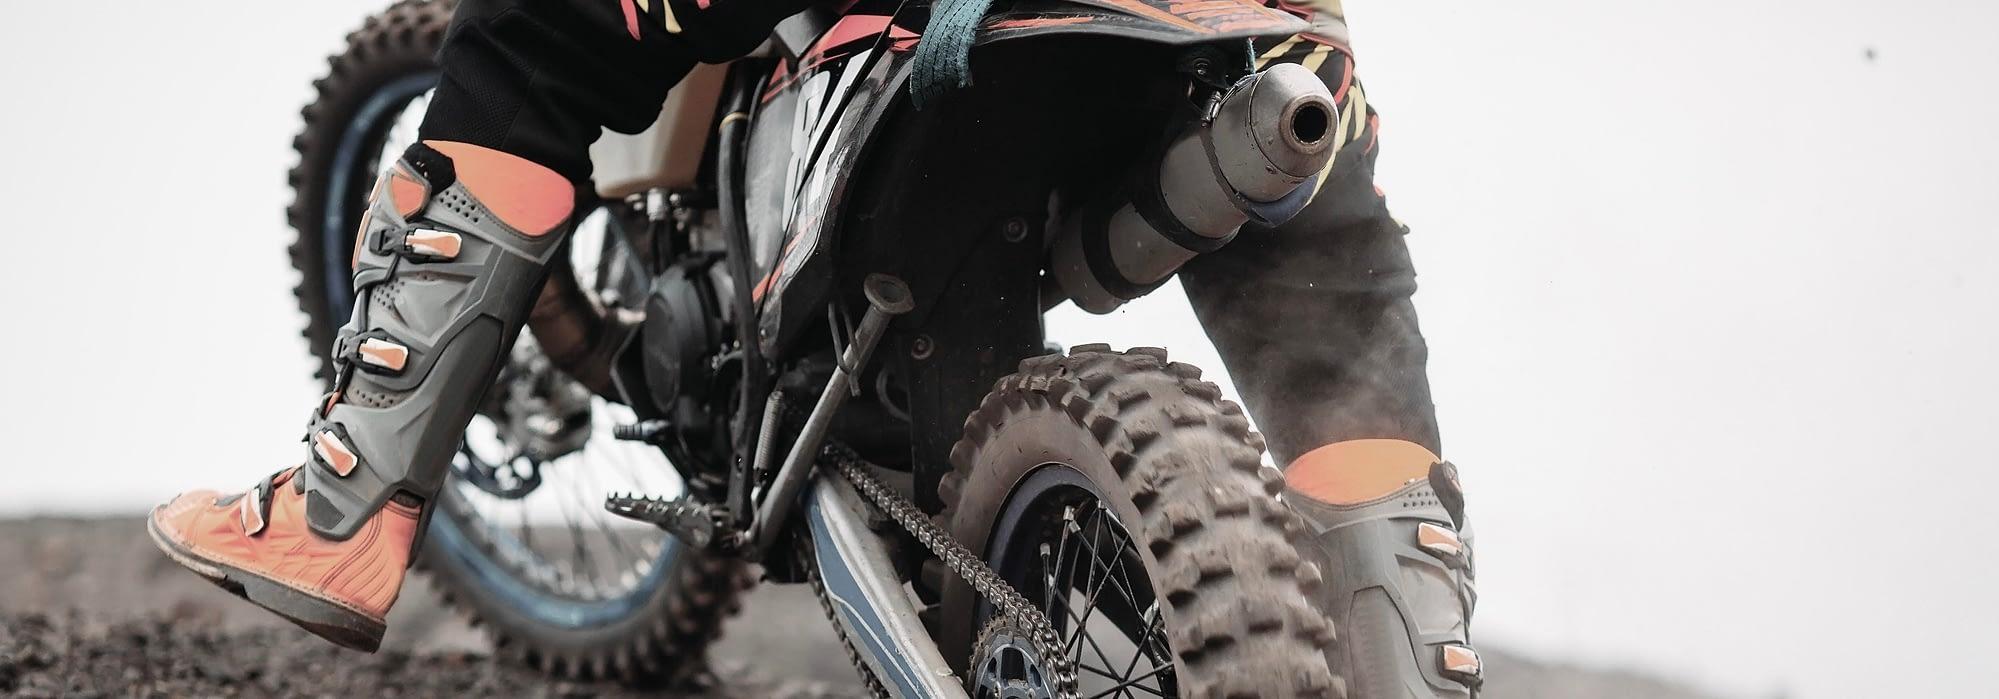 Эндуро мотоциклы Zuum (ZM MOTO)